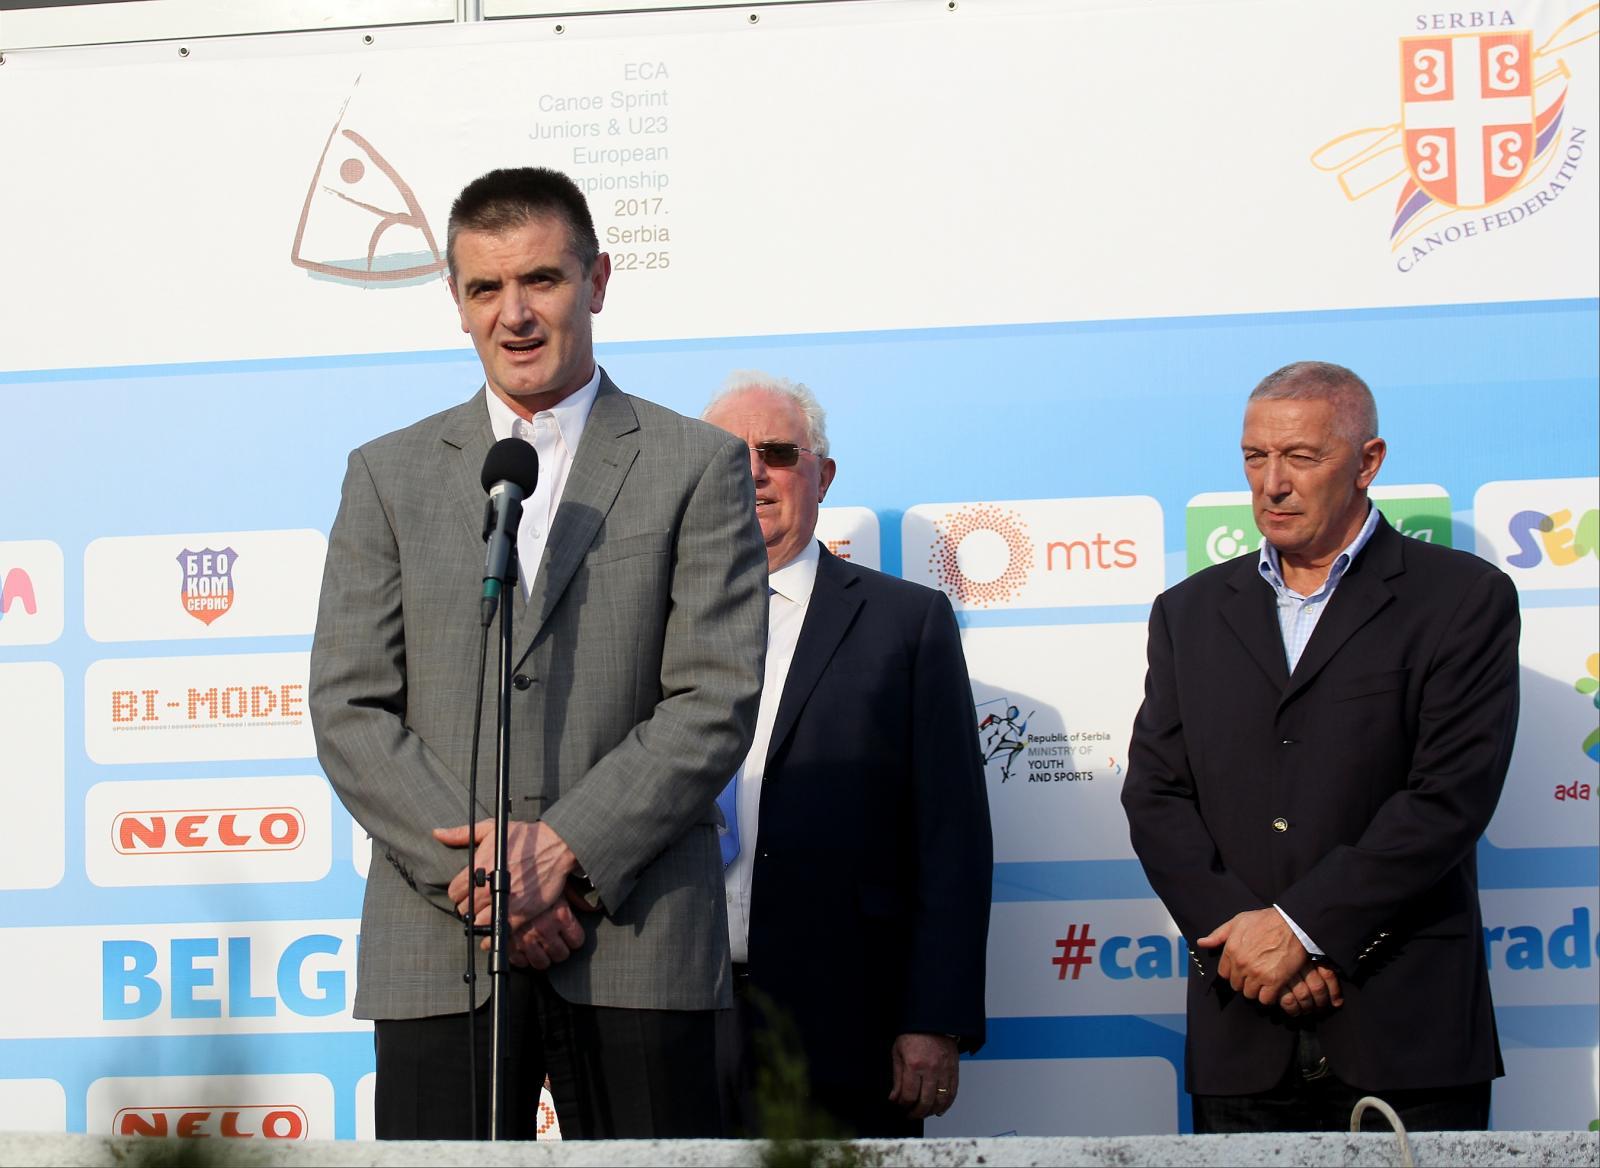 Европско првенство за јуниоре и млађе сениоре данас свечано отворено на Ади Циганлији